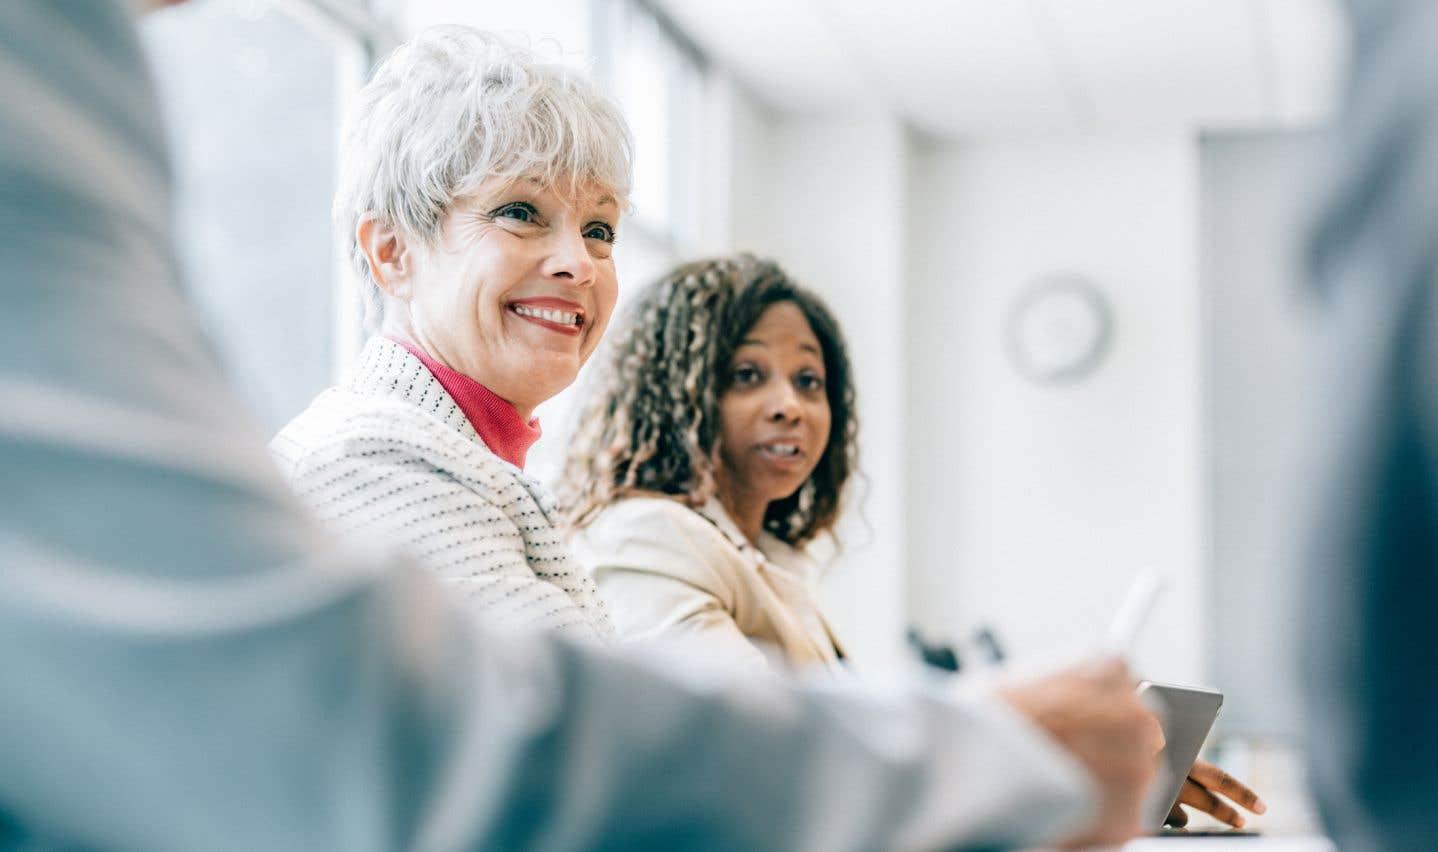 En 2015, un Canadien sur cinq âgé de 65ans ou plus (26% des hommes et 15% des femmes) a travaillé à un moment donné pendant l'année, dont le tiers à temps plein.